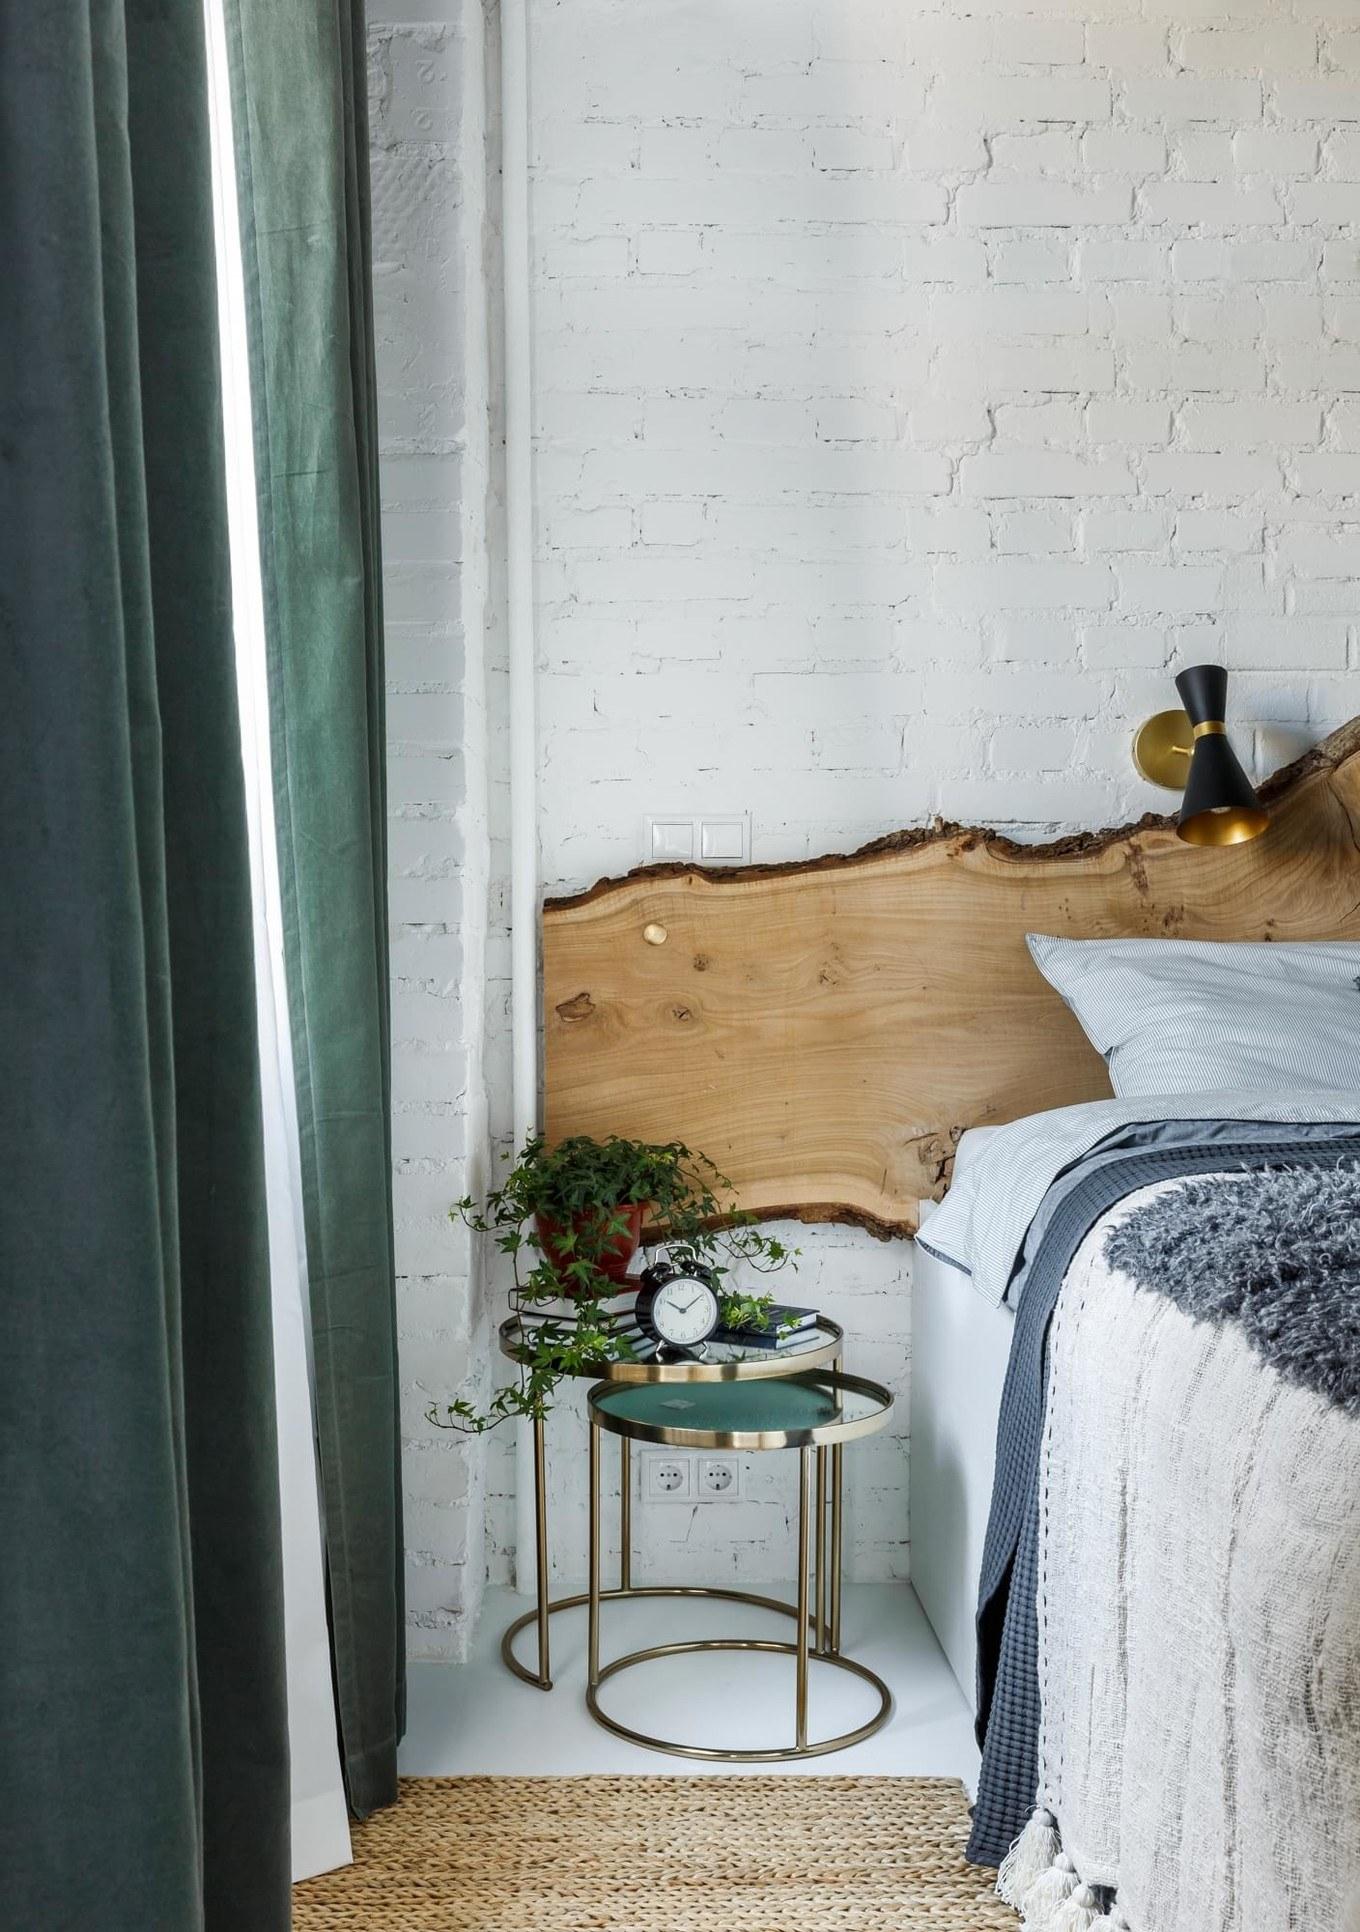 Mẫu thiết kế nội thất chung cư nhỏ 50m2